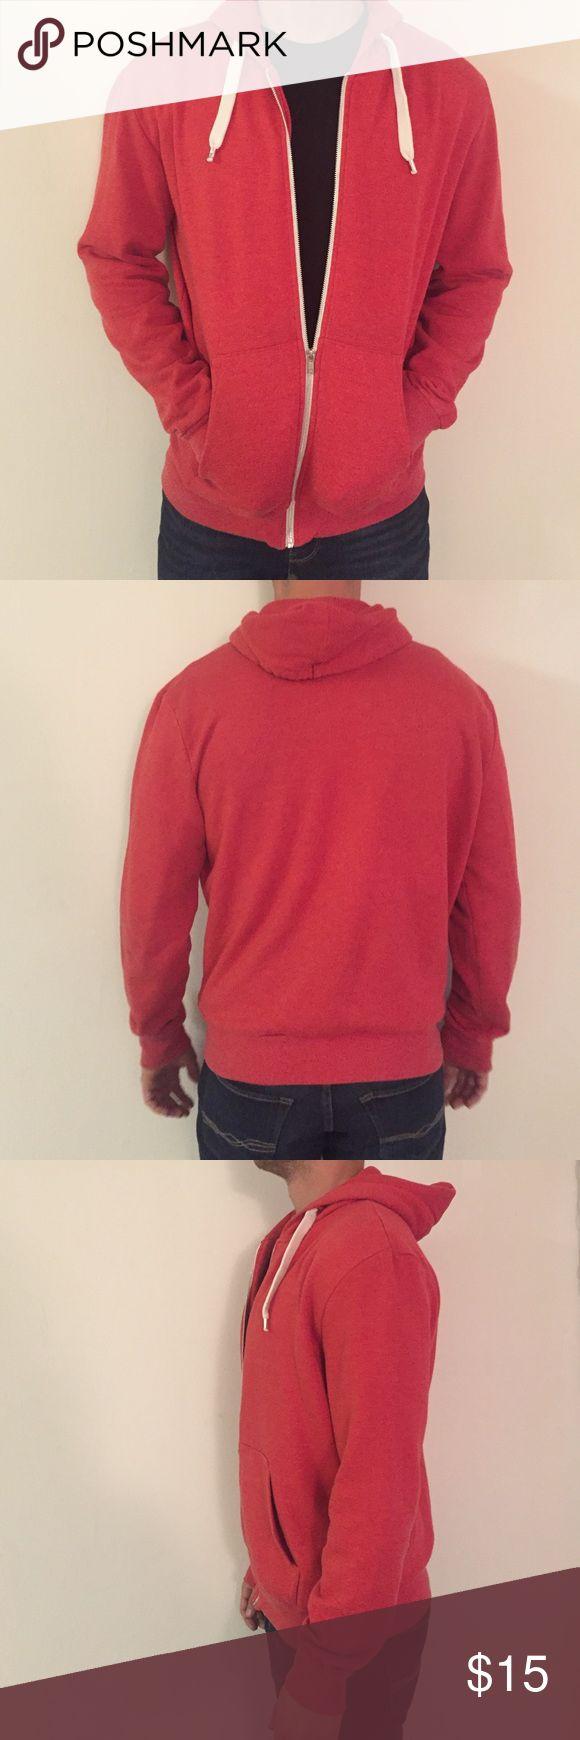 Men's red zip up sweater Gently worn H&M Sweaters Zip Up